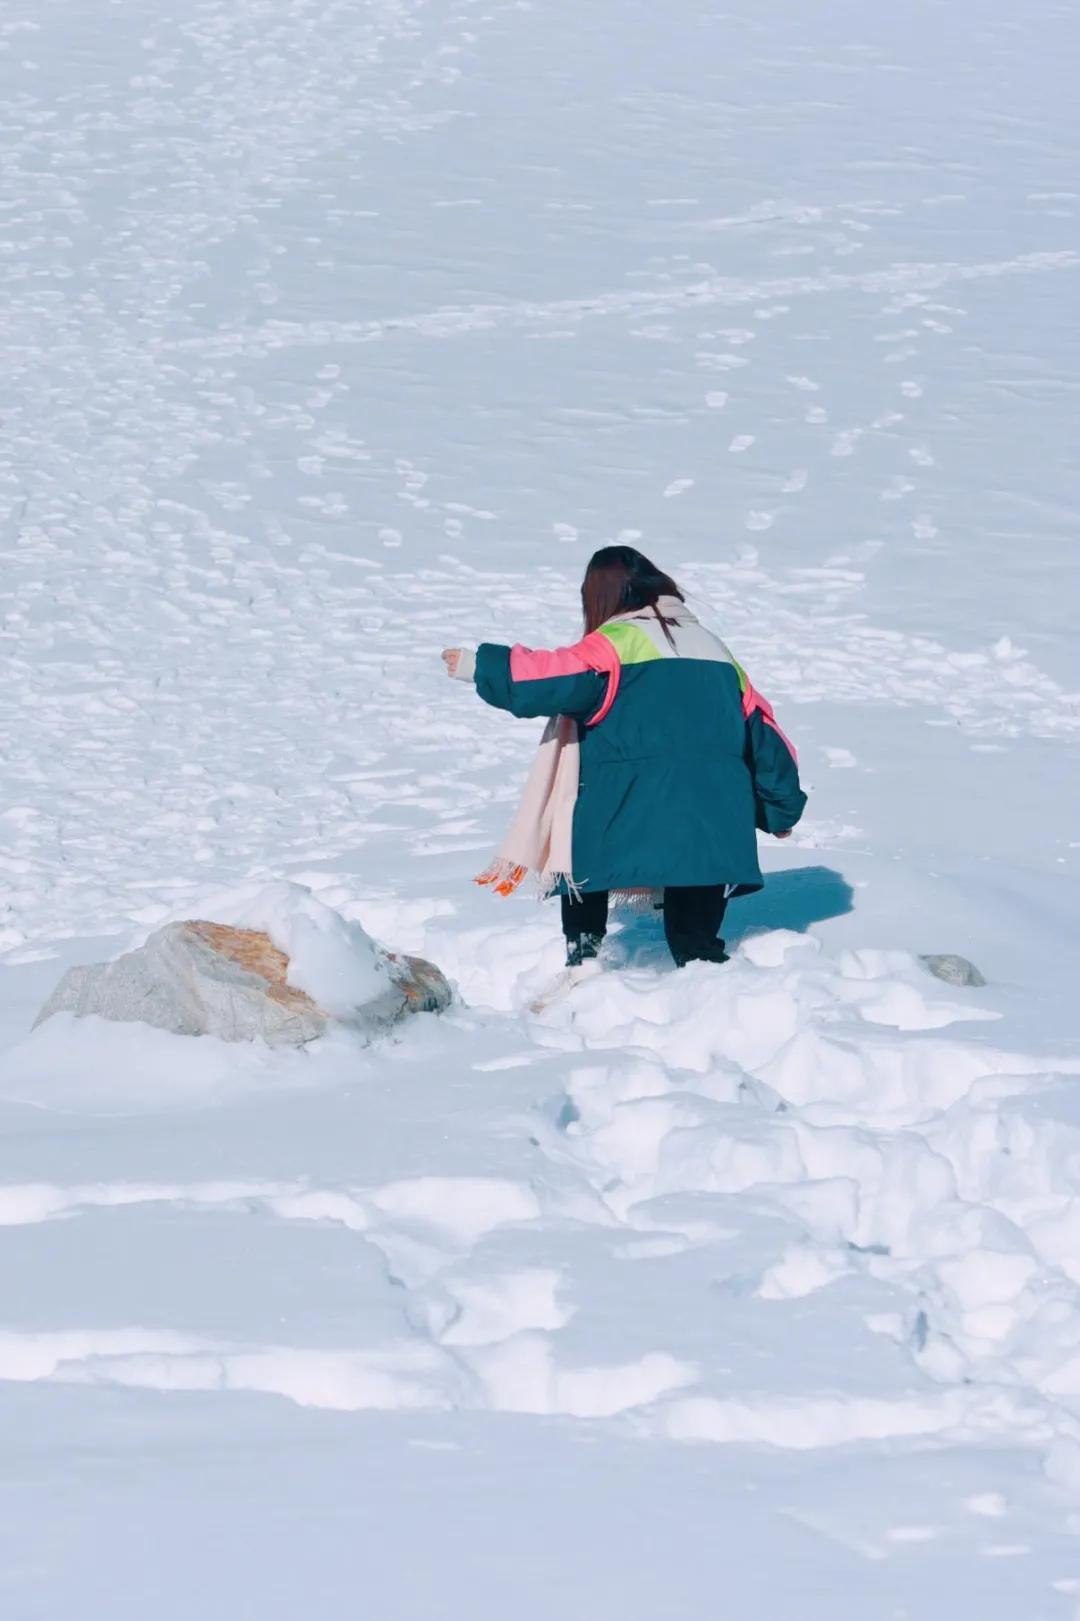 成都�敉猓哼_古冰川2天,有什么值得玩�旱�?